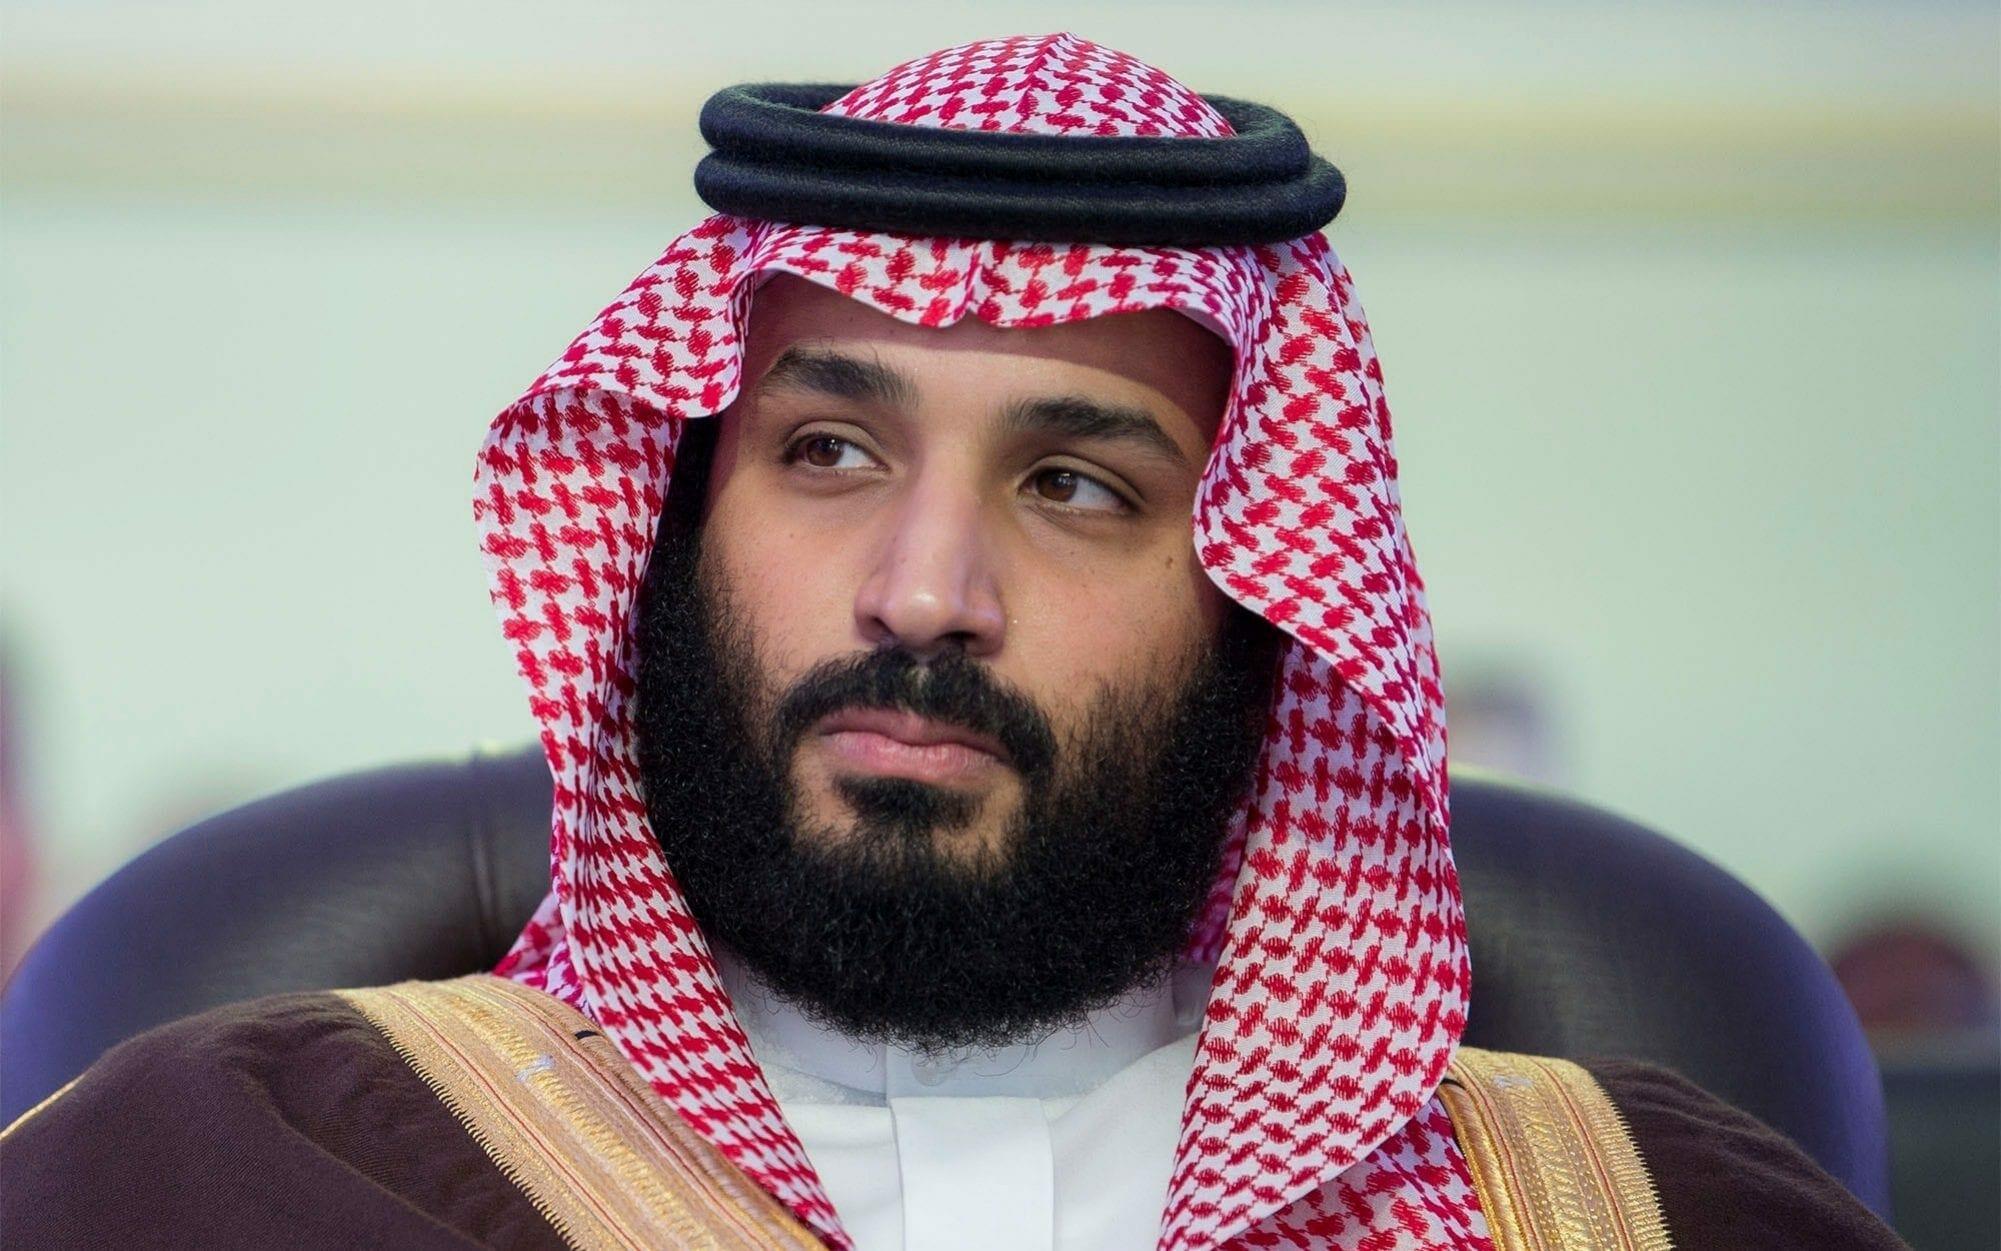 أخر وأهم أخبار محمد بن سلمان اليوم ملف كامل عن ولي العهد السعودي محمد بن سلمان وطن